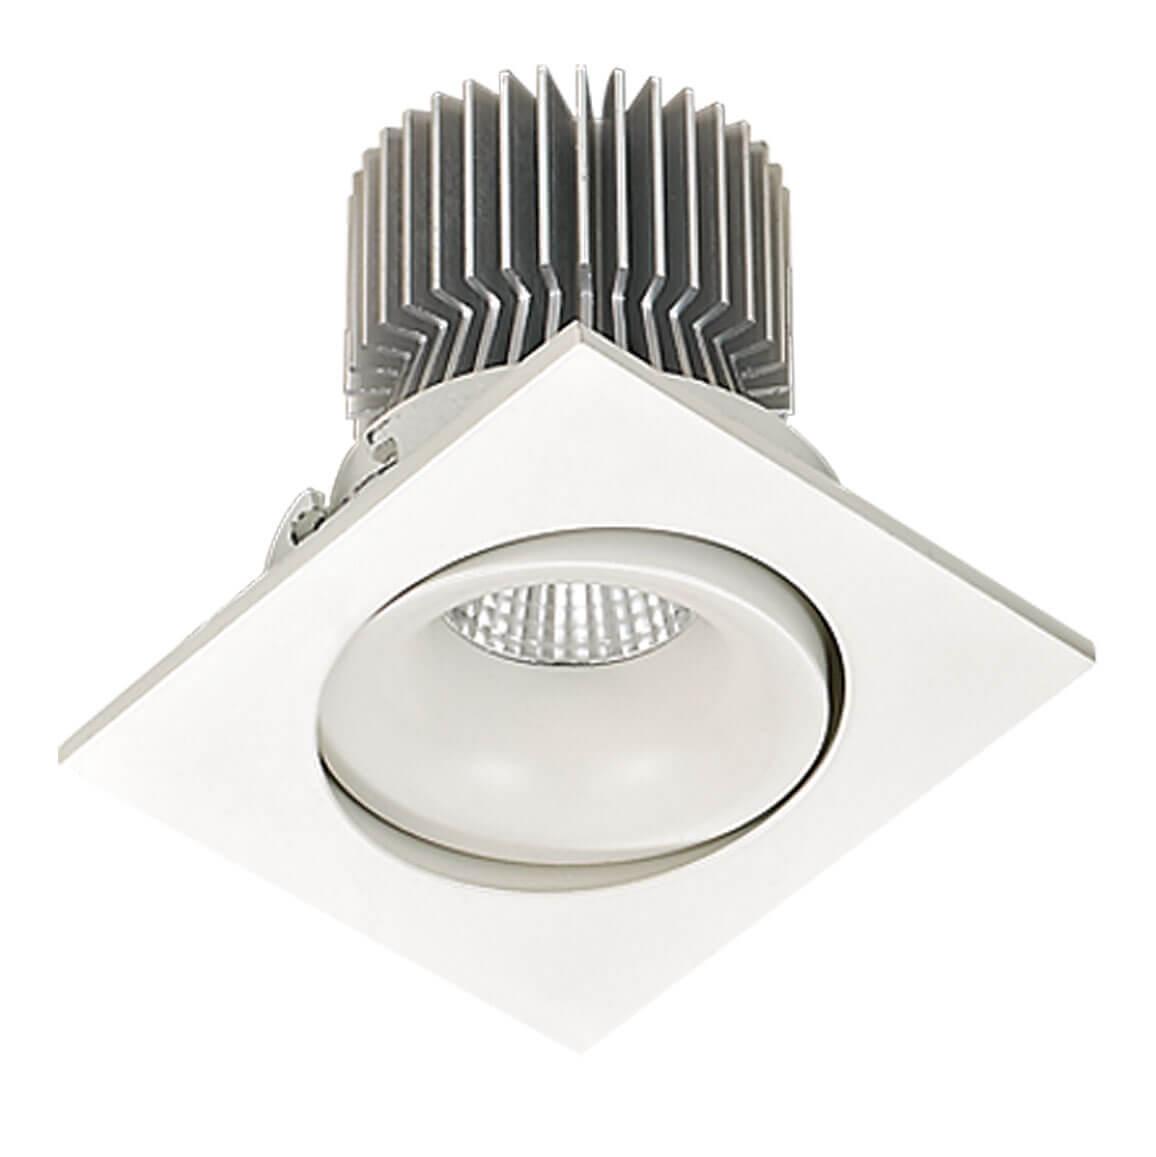 Встраиваемый светодиодный светильник Lucia Tucci Logic 727.1-7W-WT